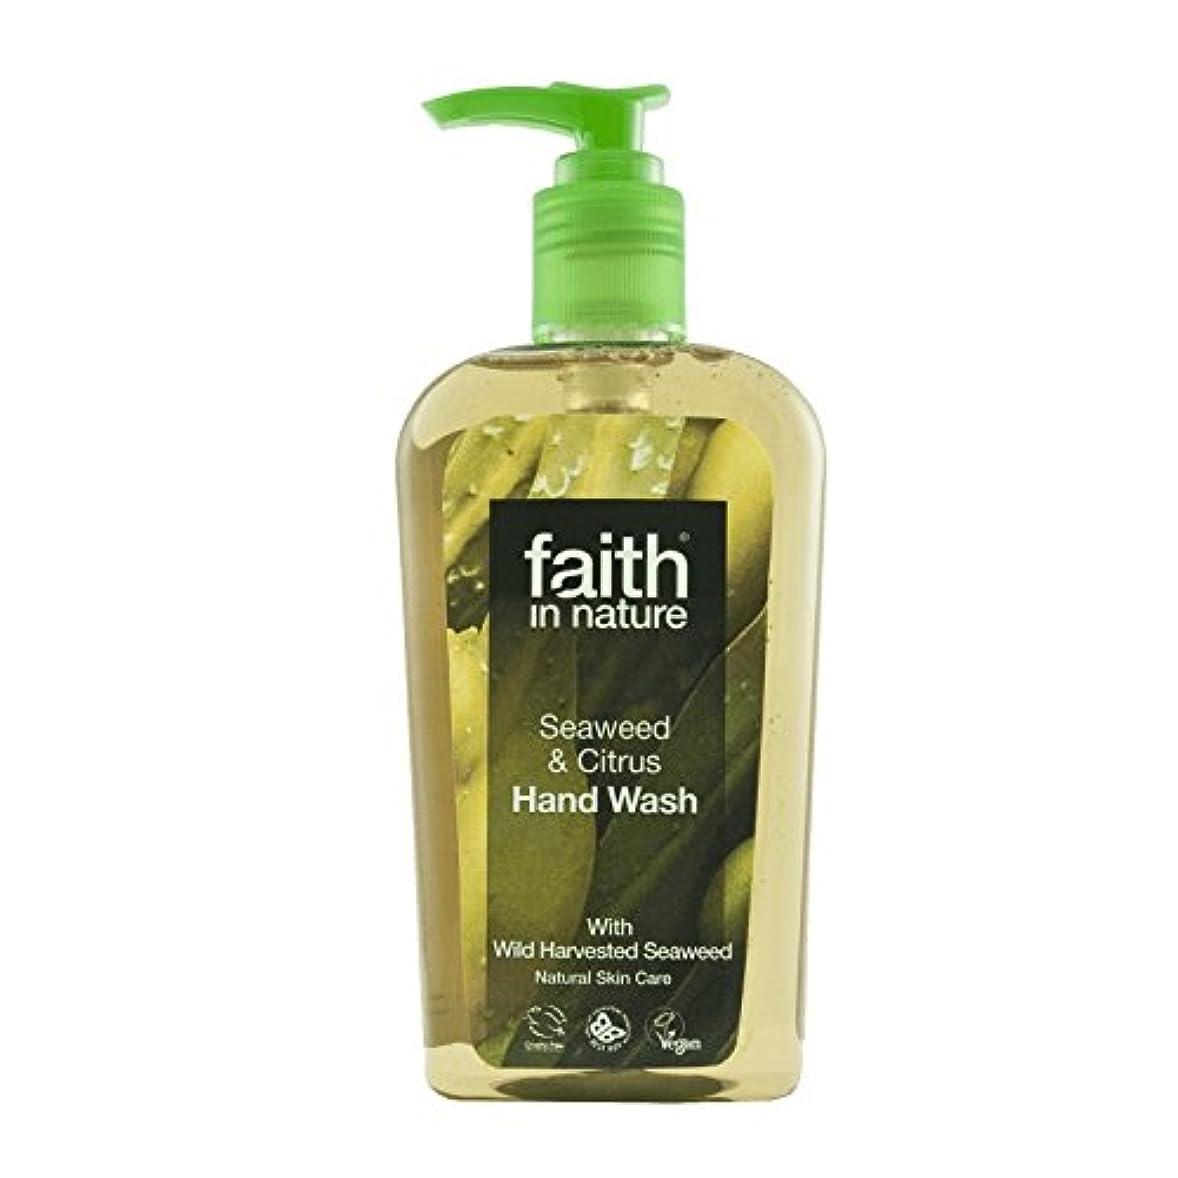 下着要塞分数自然海藻手洗いの300ミリリットルの信仰 - Faith In Nature Seaweed Handwash 300ml (Faith in Nature) [並行輸入品]